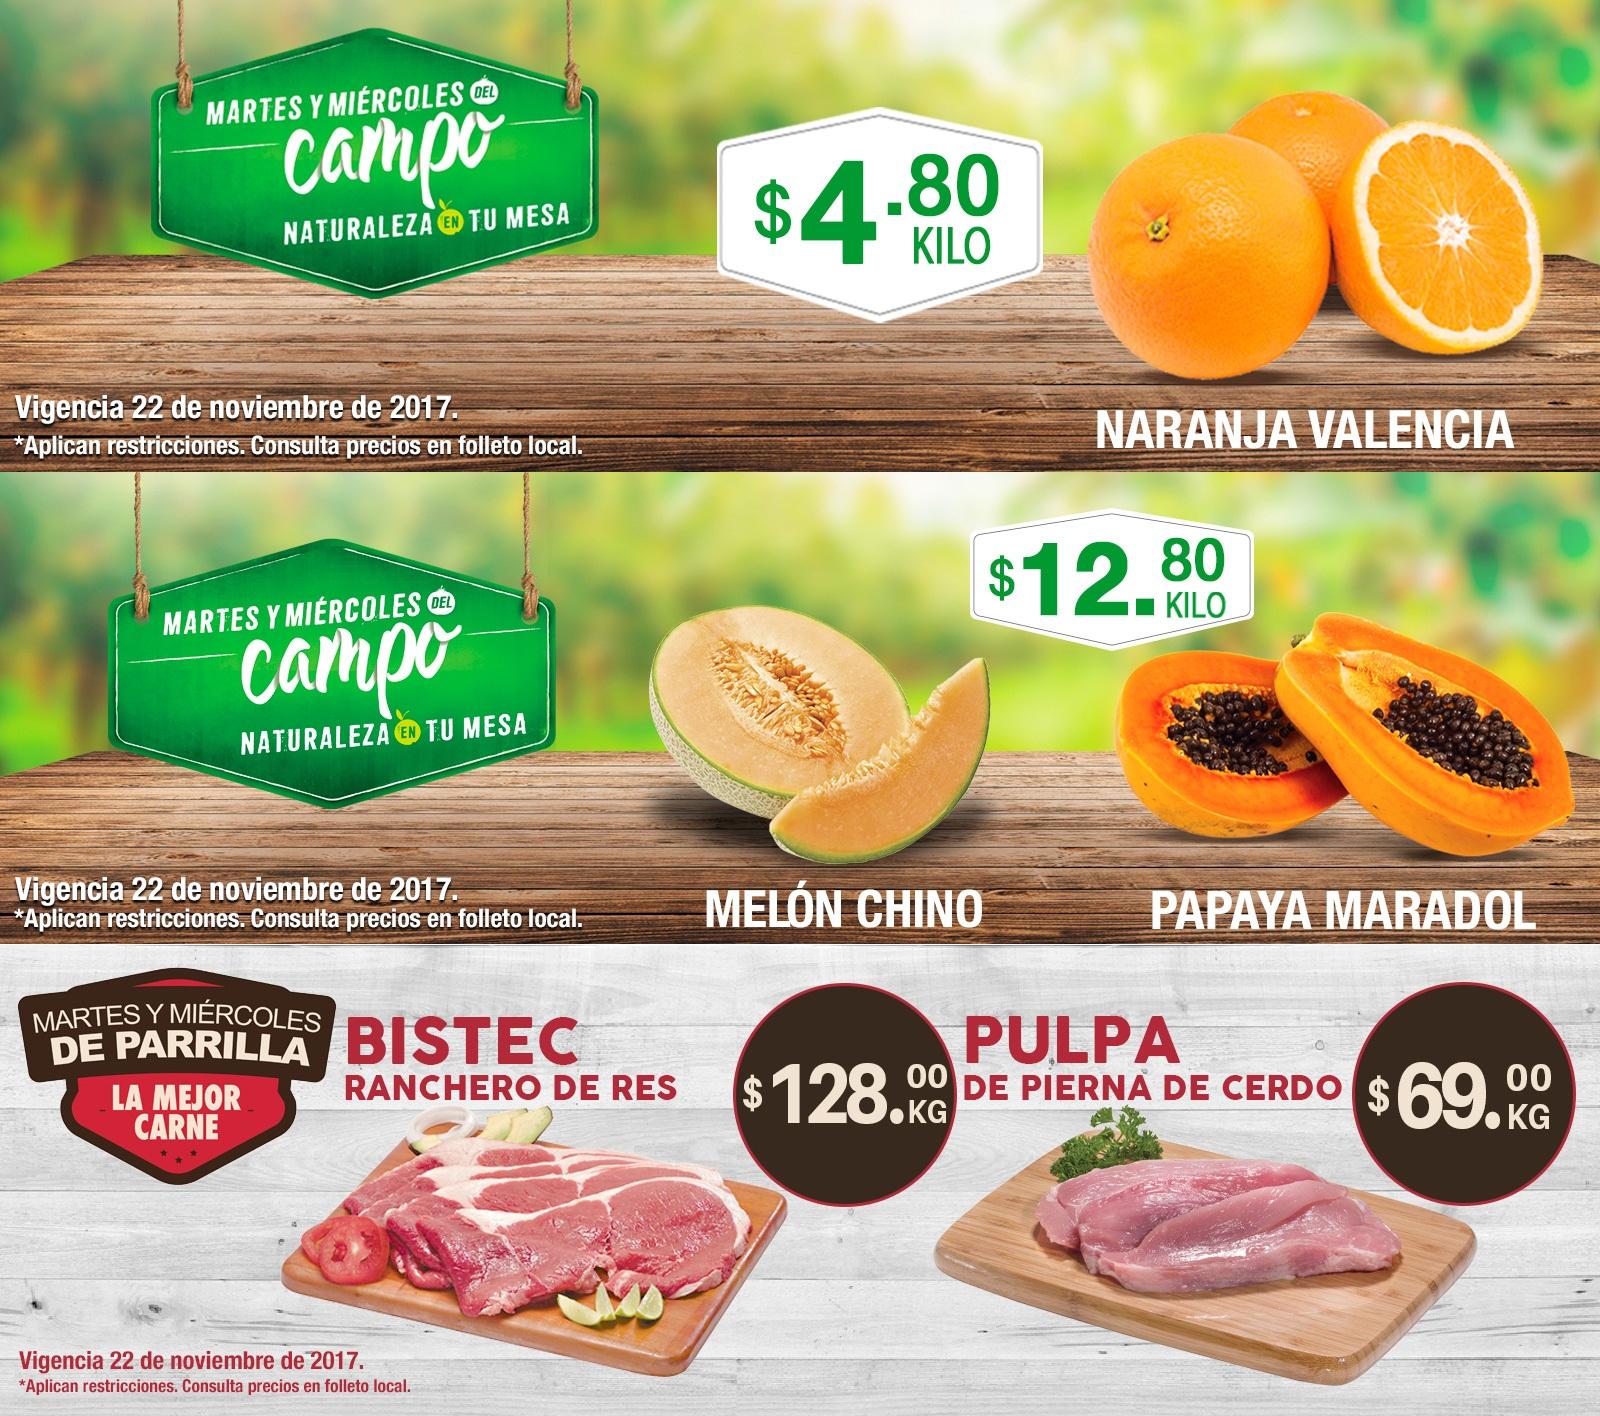 Comercial Mexicana y MEGA: Martes y Miércoles del Campo 21 y 22 de Noviembre: Naranja Valencia $4.80 kg... Melón Chino $12.80 kg... Papaya Maradol $12.80 kg.